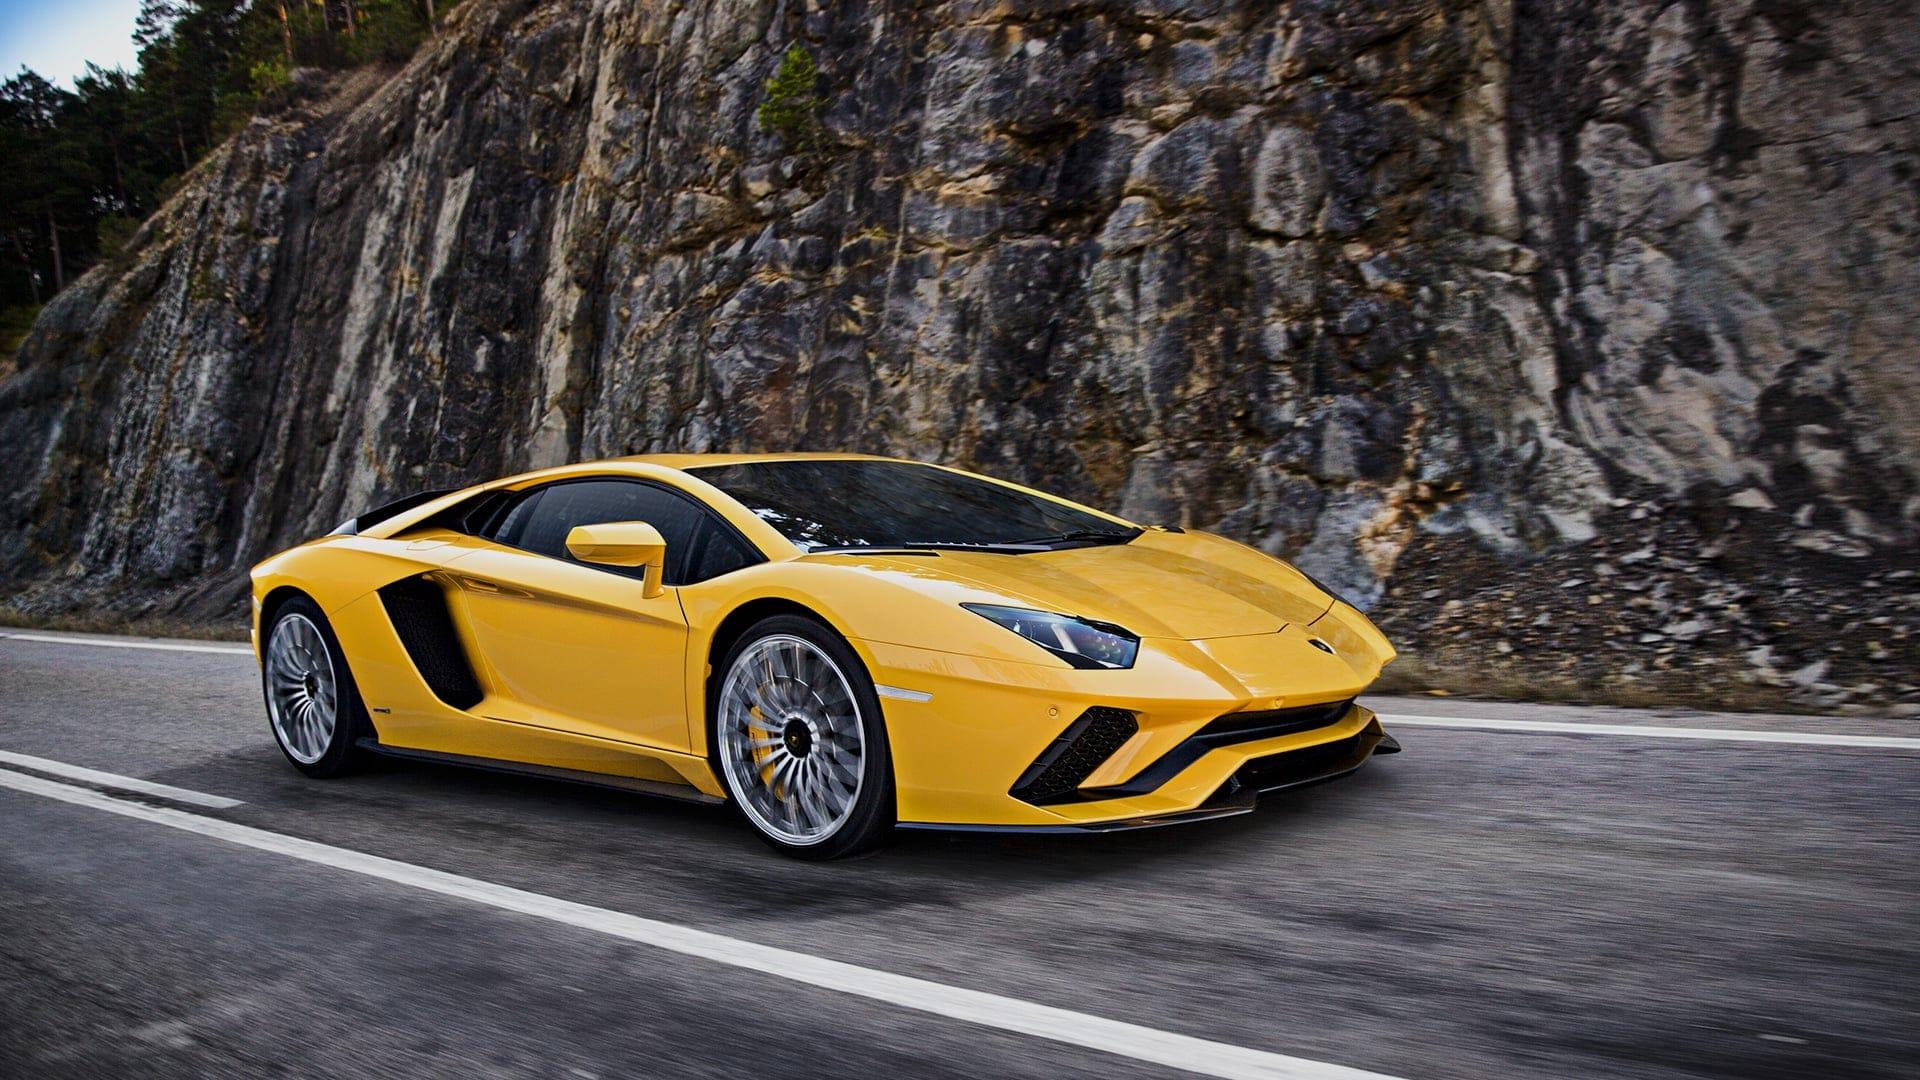 Lamborghini Aventador S : maintenant la voiture la plus chère avec Android Auto